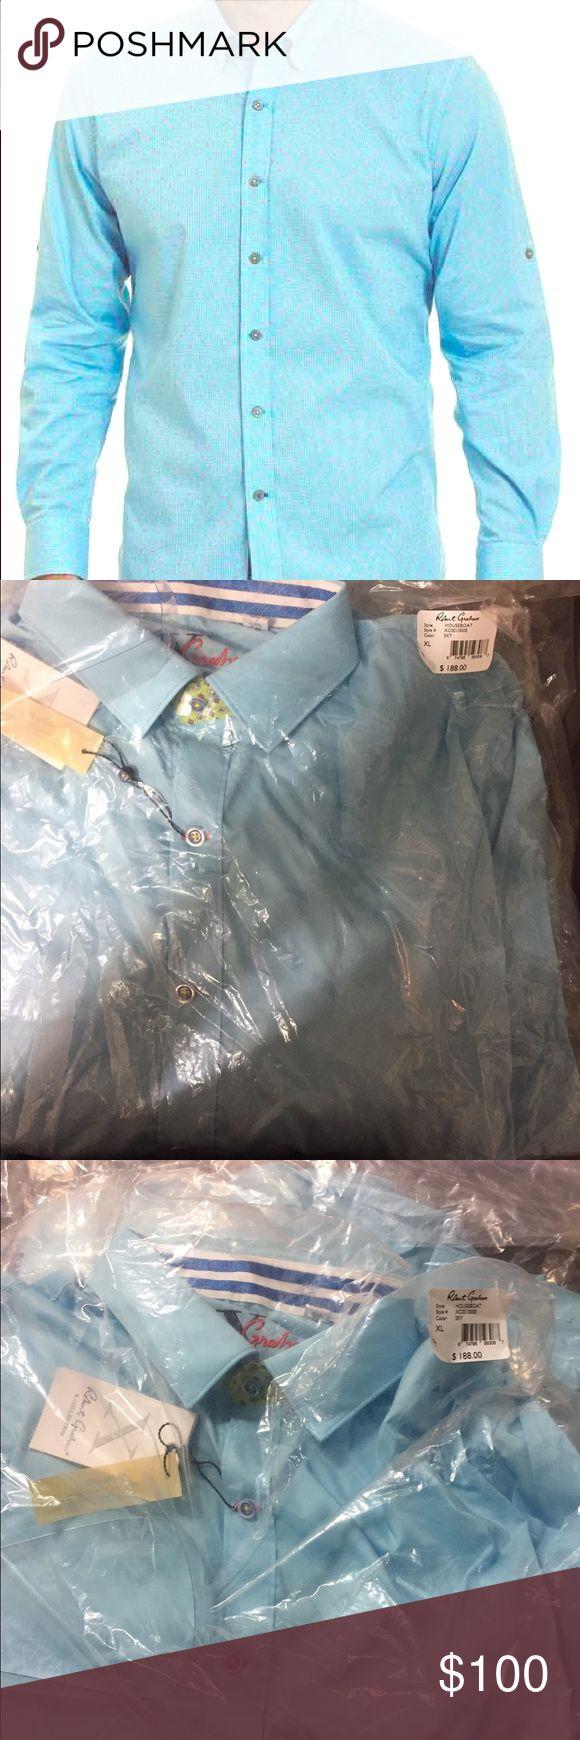 Robert Graham shirt xl Brand new men's shirt Robert Graham Shirts Dress Shirts